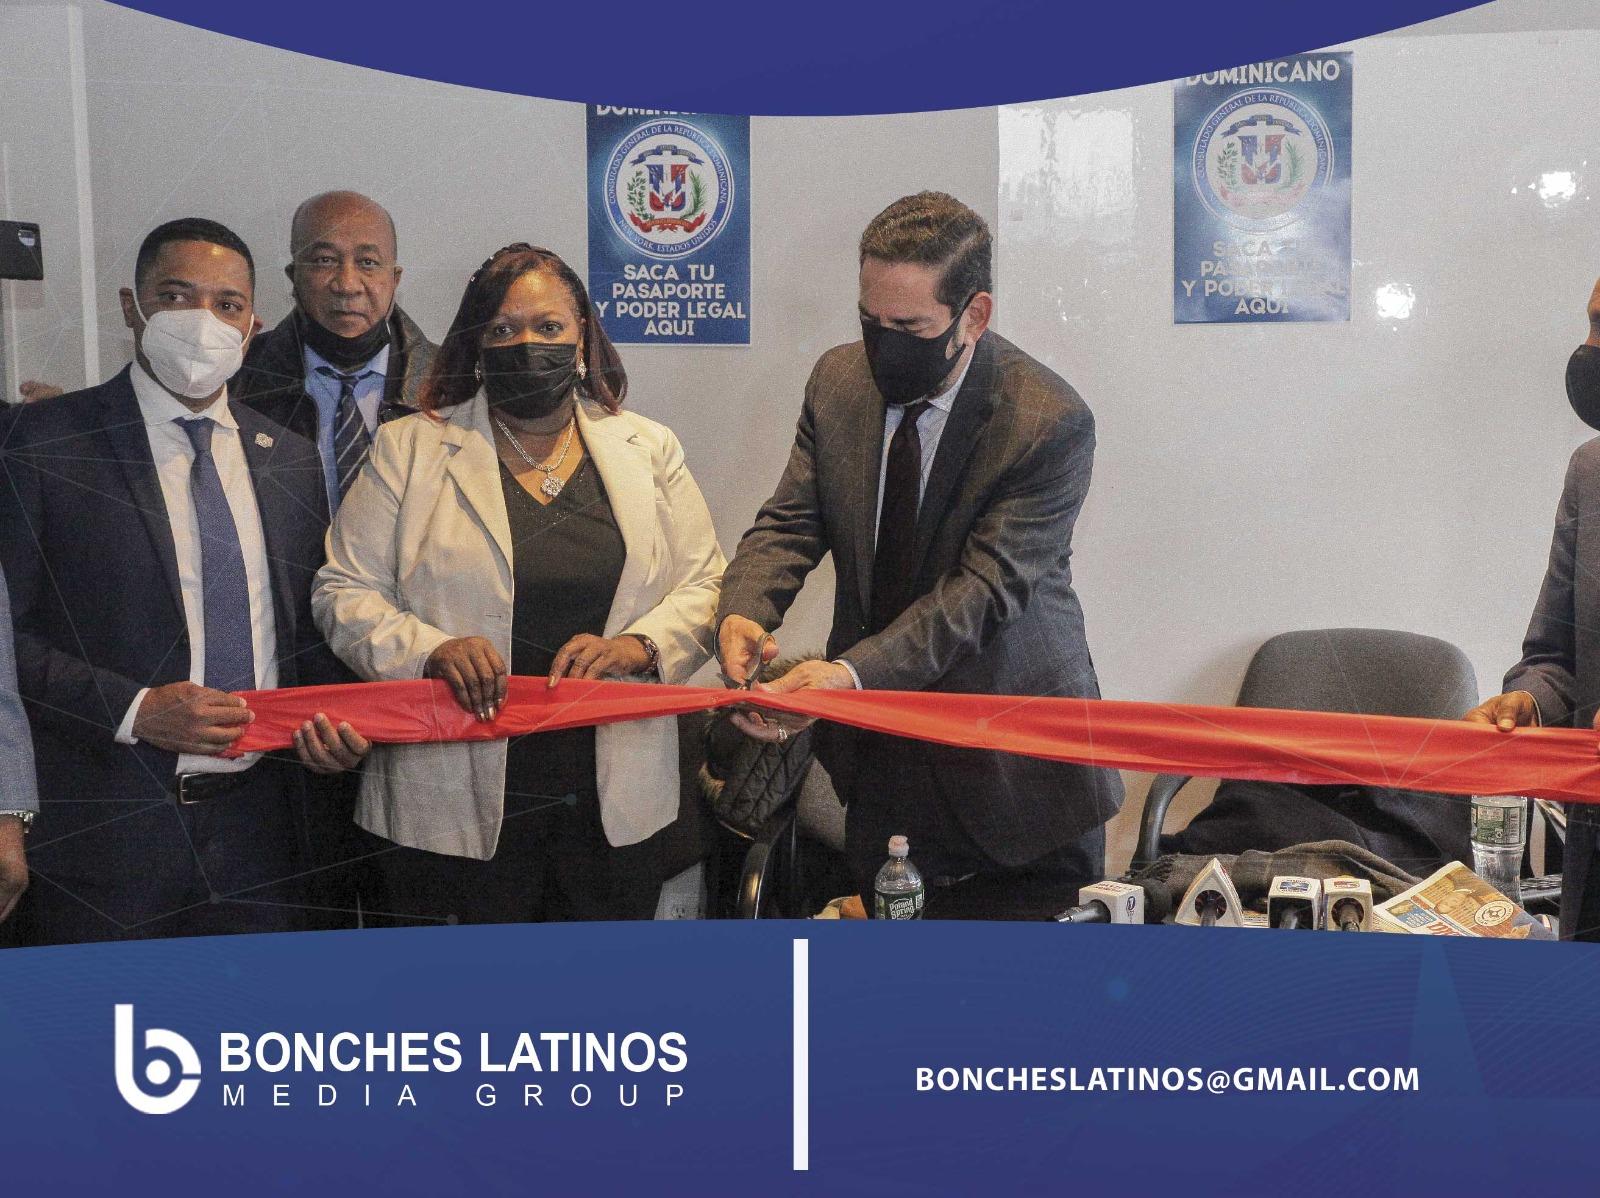 El Consulado General  De La República Dominicana En Esta Cuidad Nueva York Dejó Inaugurada Ayer Una Nueva Oficina O Extensión Consular En El Bronx.